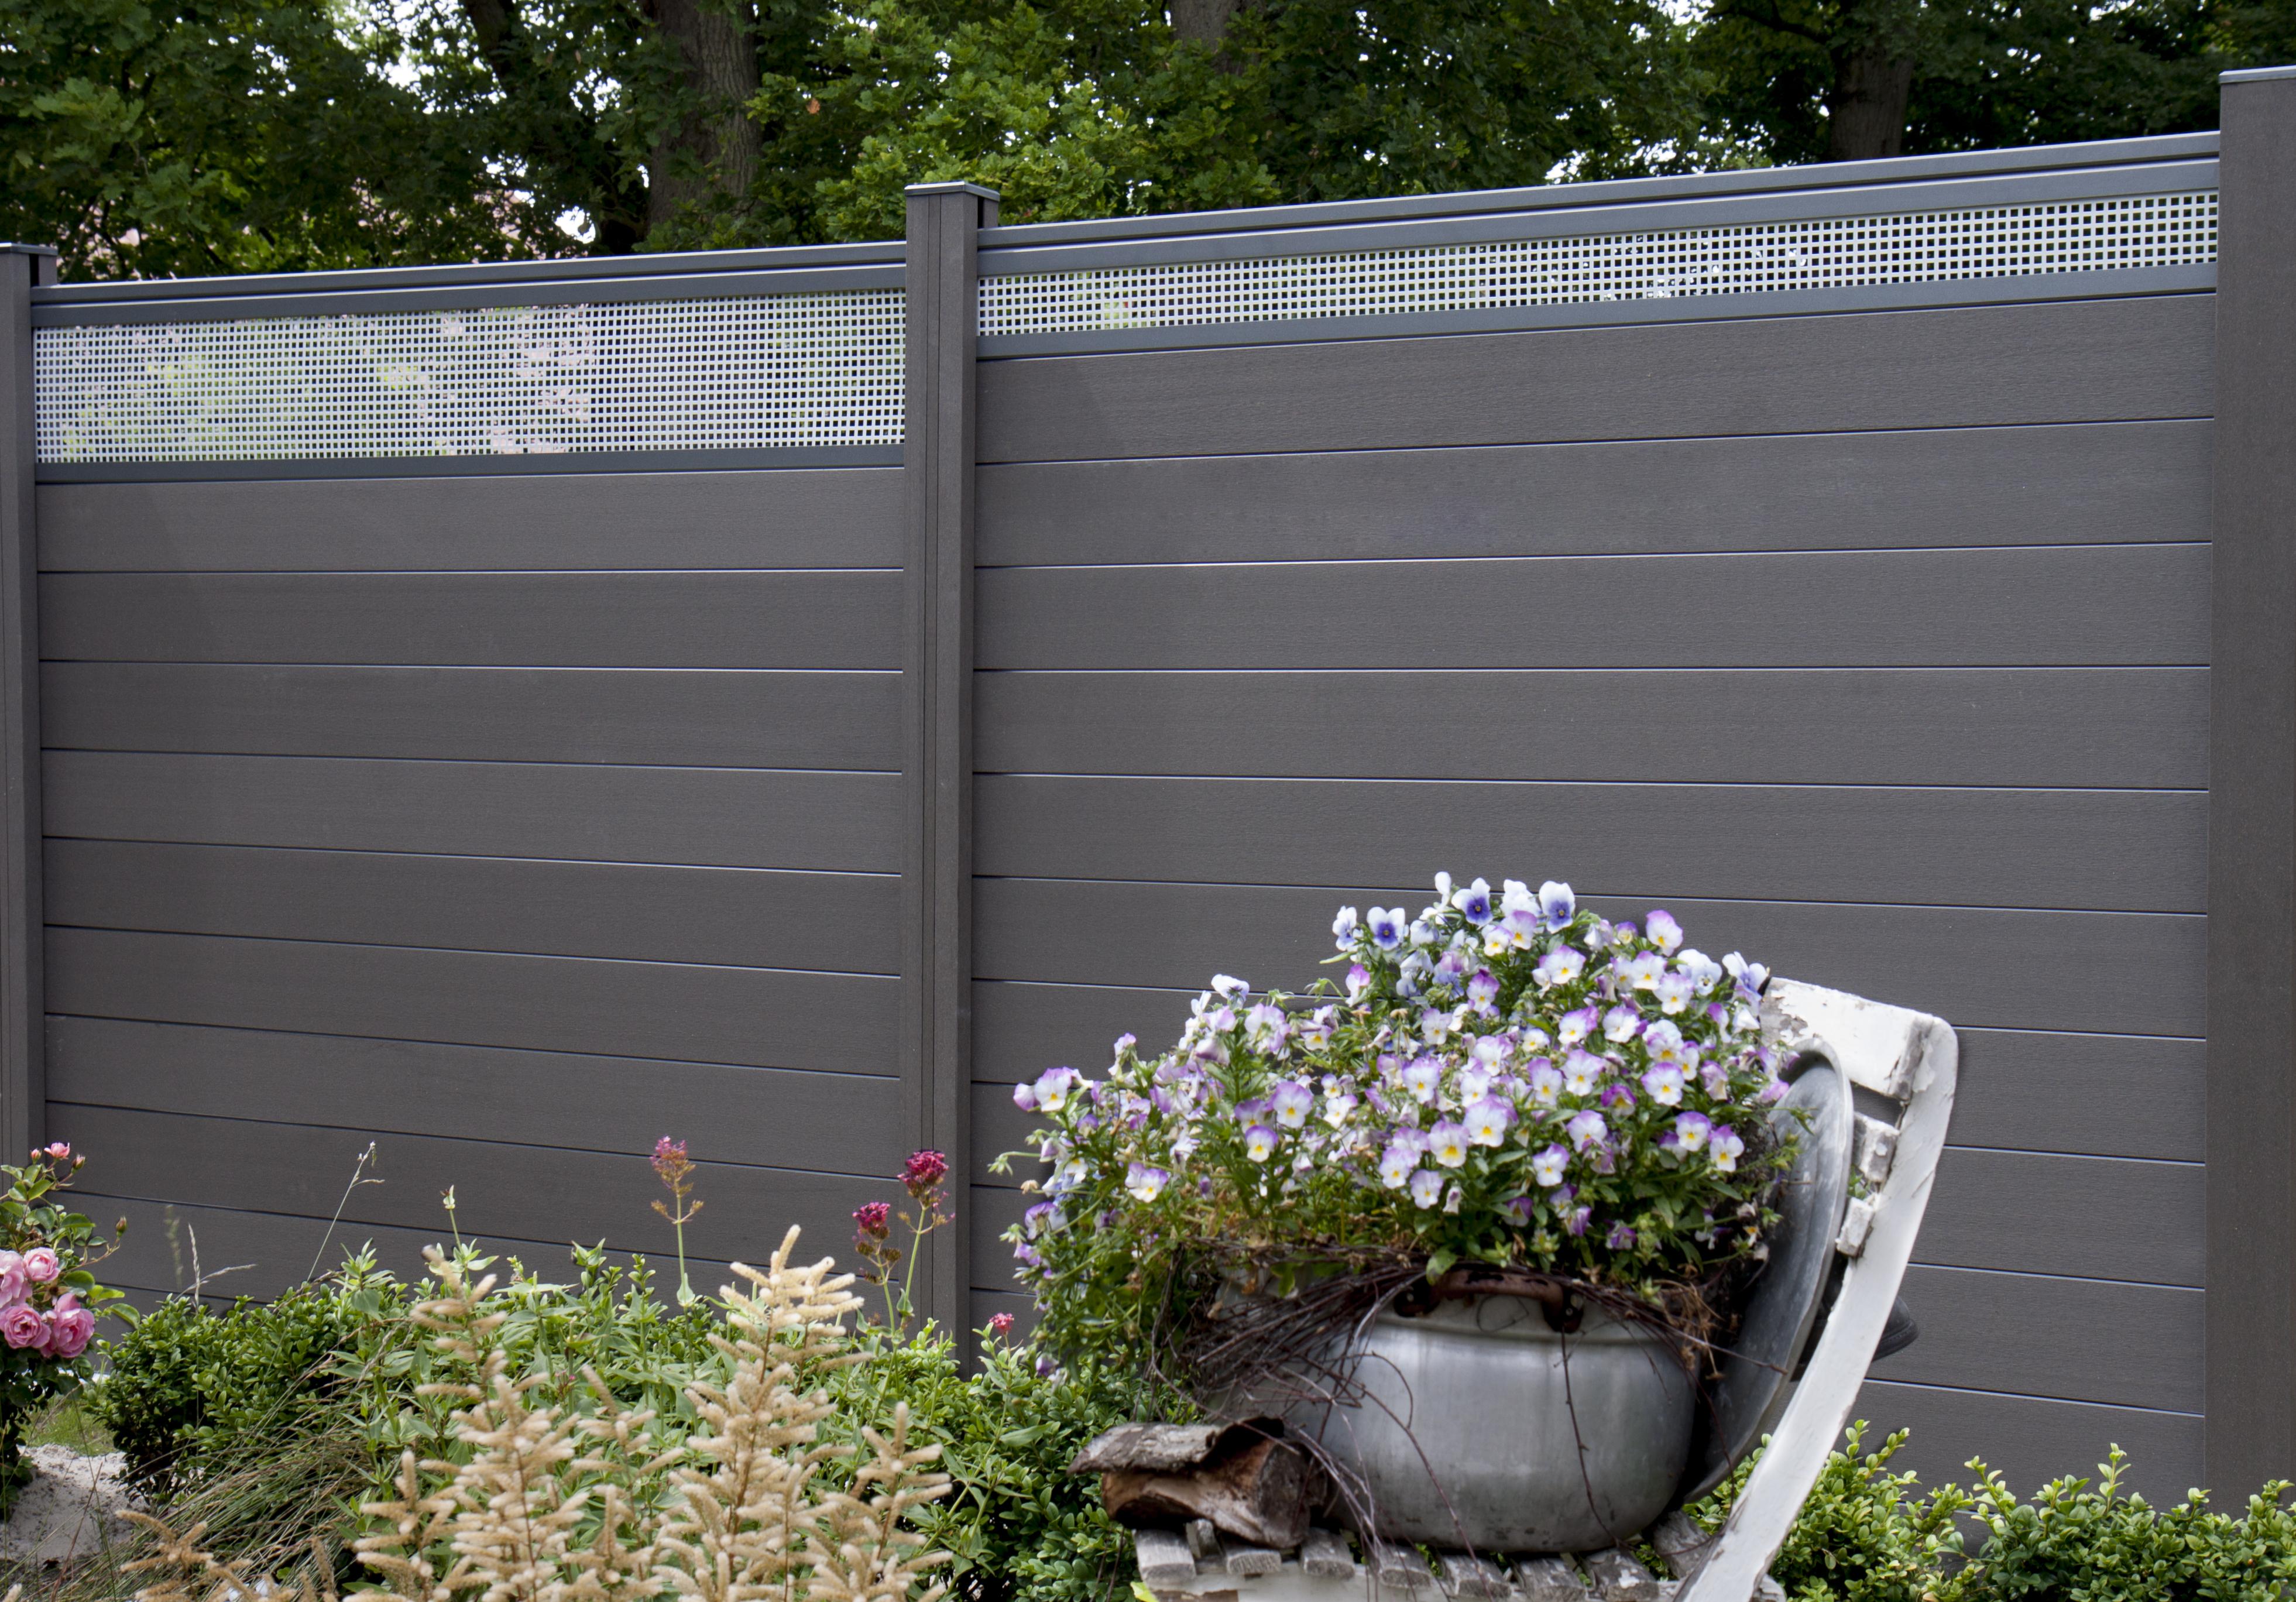 grojasolid bpc lb 30 stecksystem 180x180x1 9 cm anthrazit z une sichtschutzelemente im. Black Bedroom Furniture Sets. Home Design Ideas